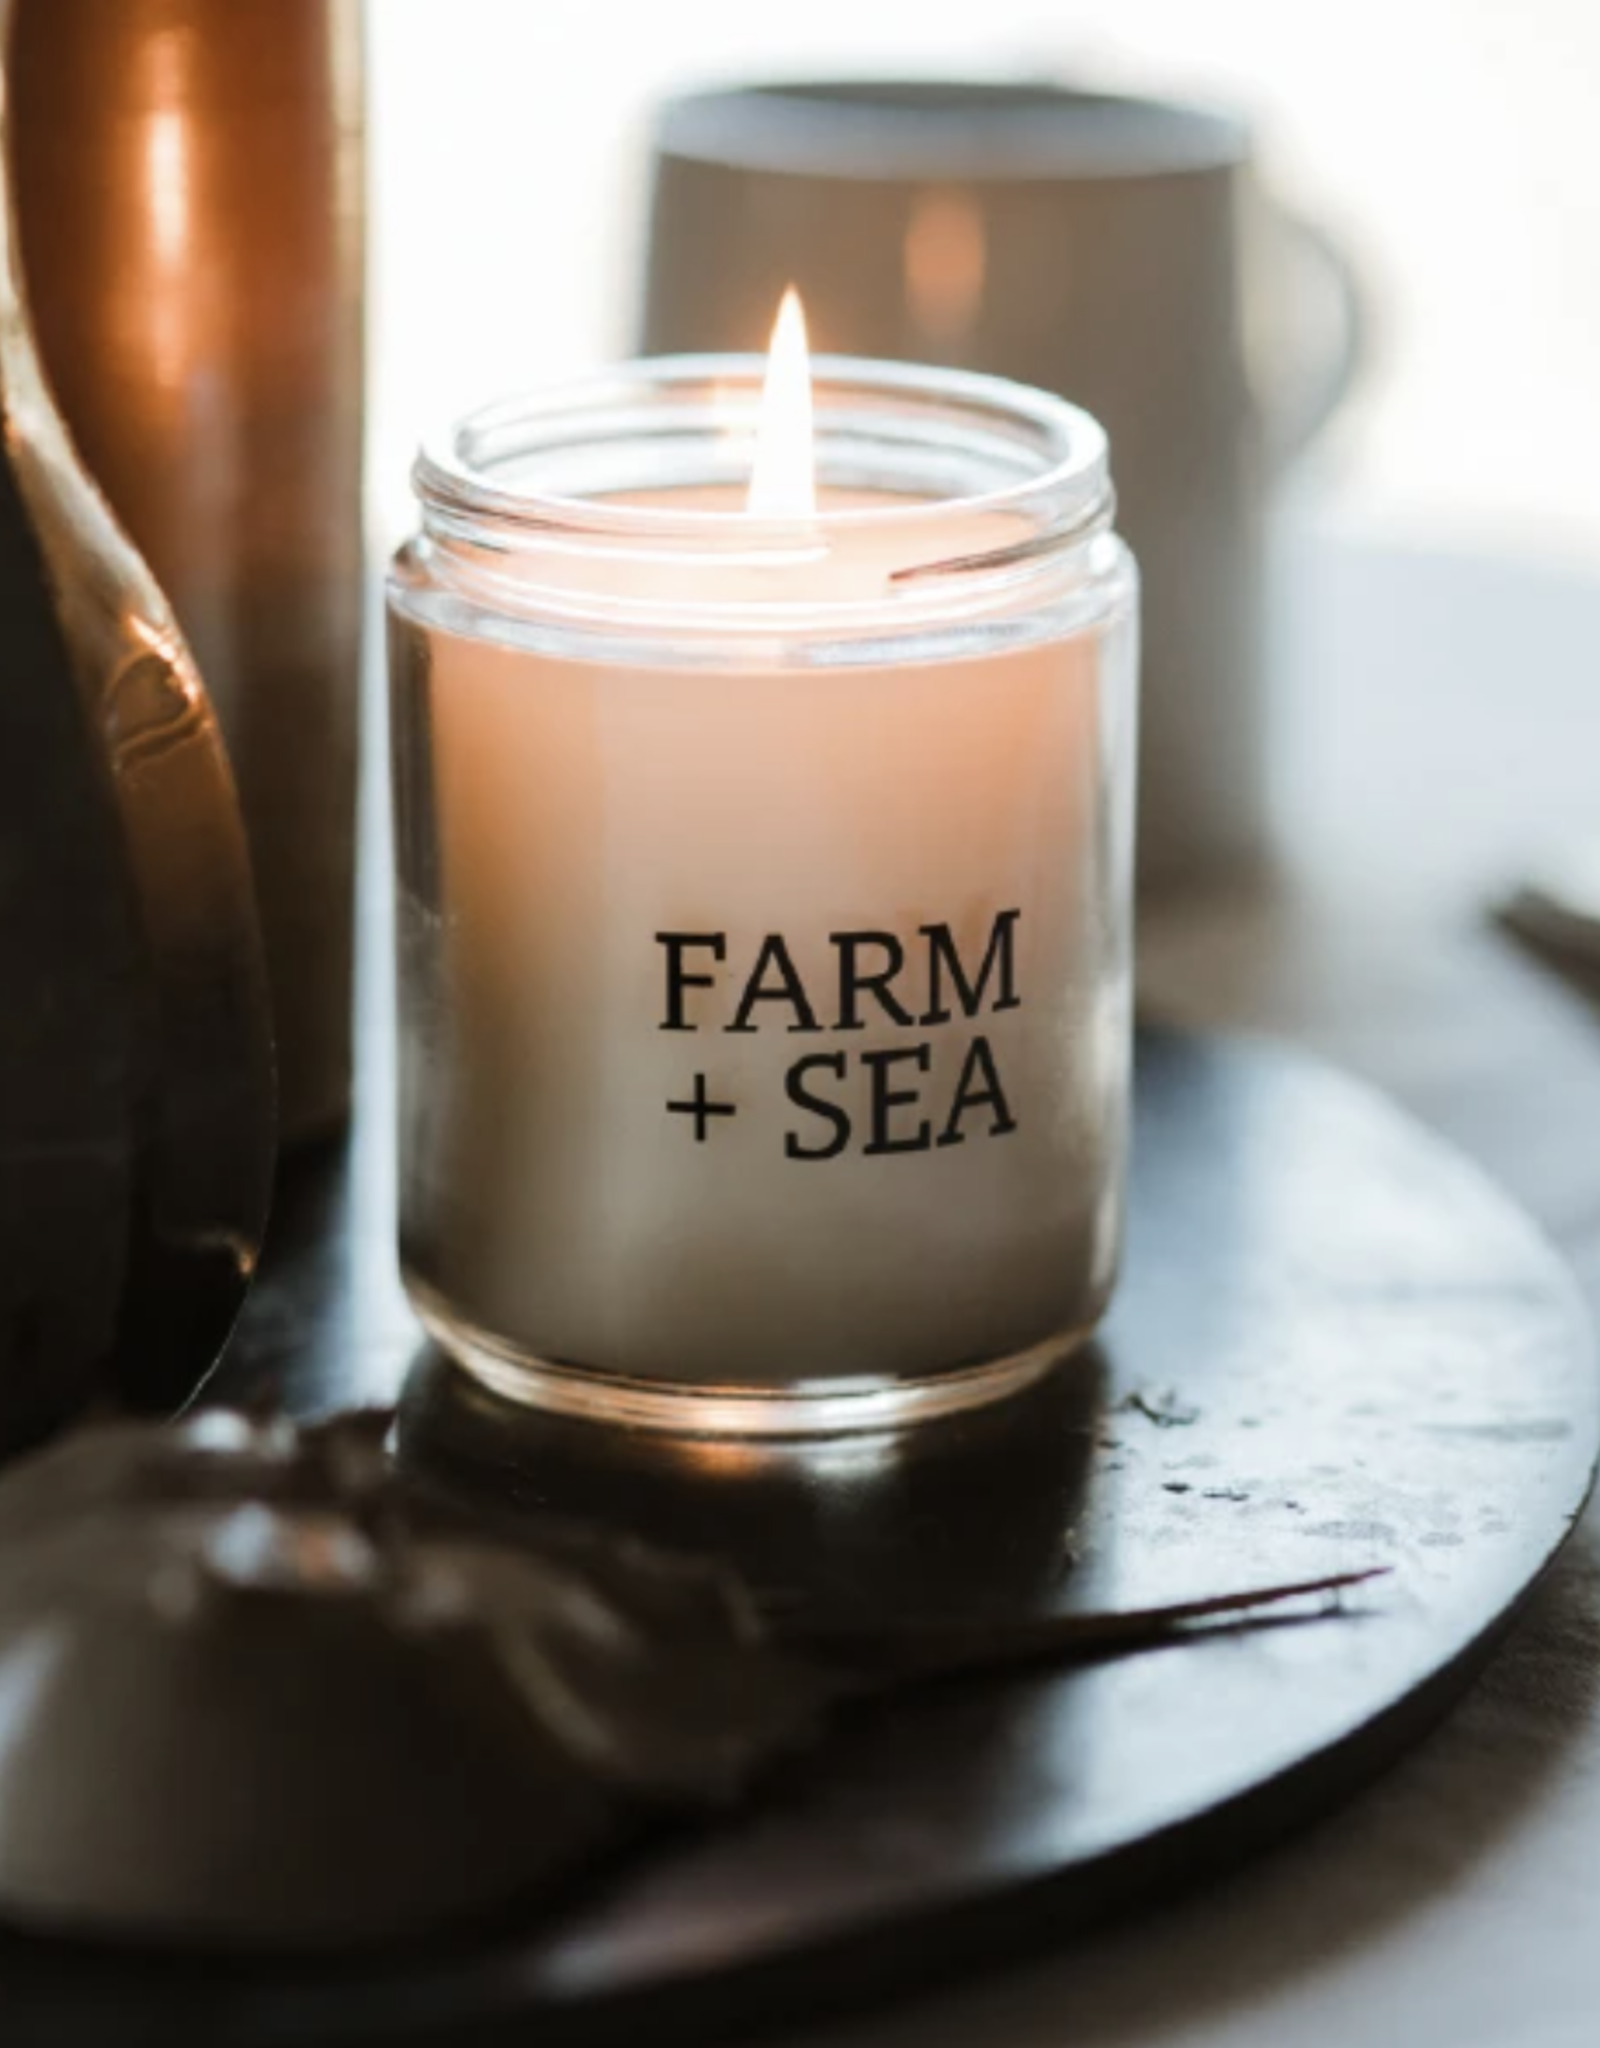 Farm + Sea Farm + Sea - 7.5 oz. Candle Jar - Grapefruit + Sea Salt